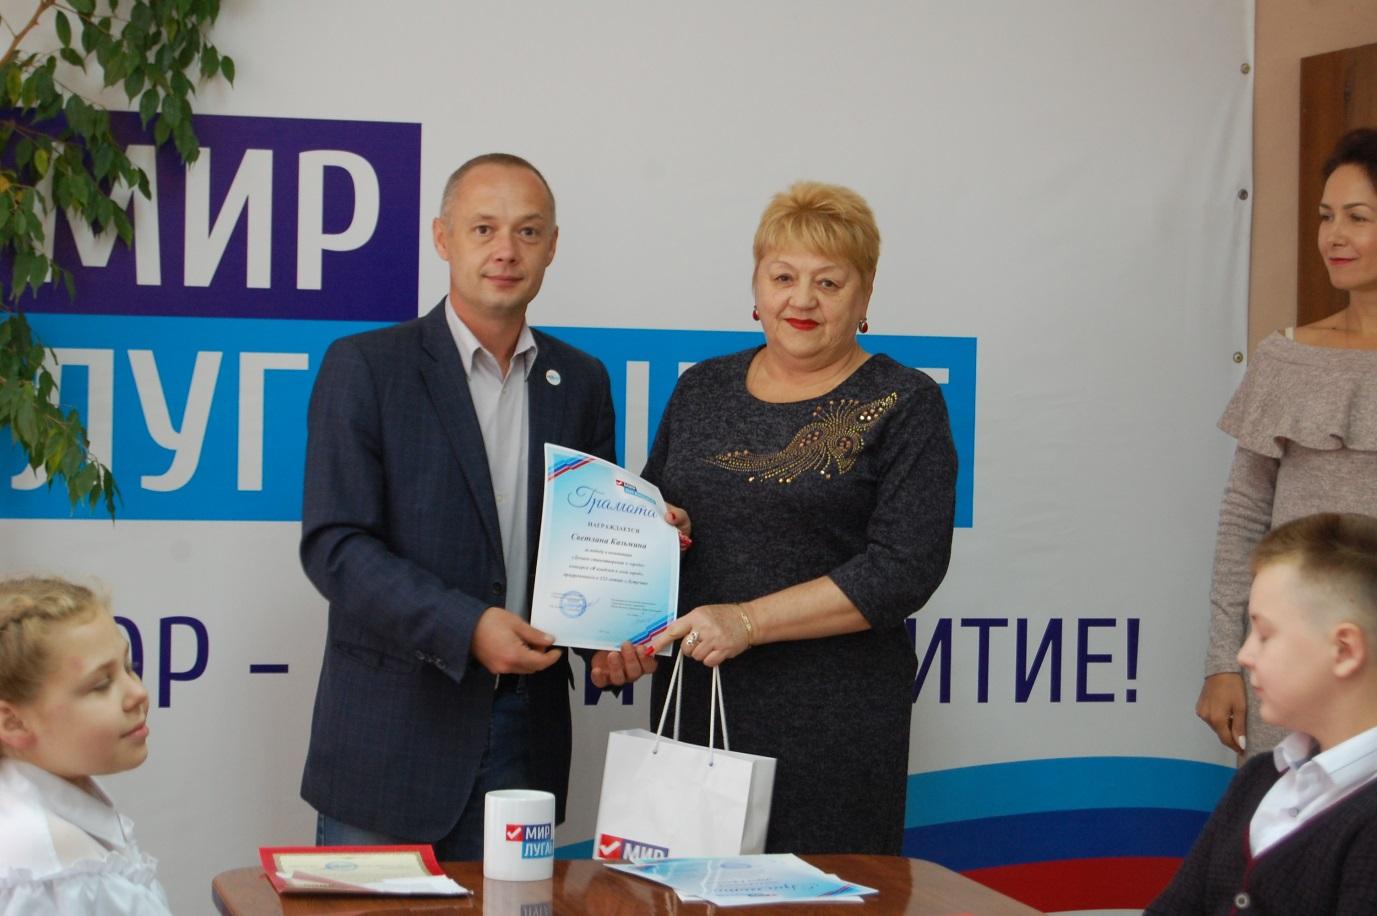 Награждение победителей творческого конкурса «Я влюблен в свой город!» состоялось в Лутугино» 1